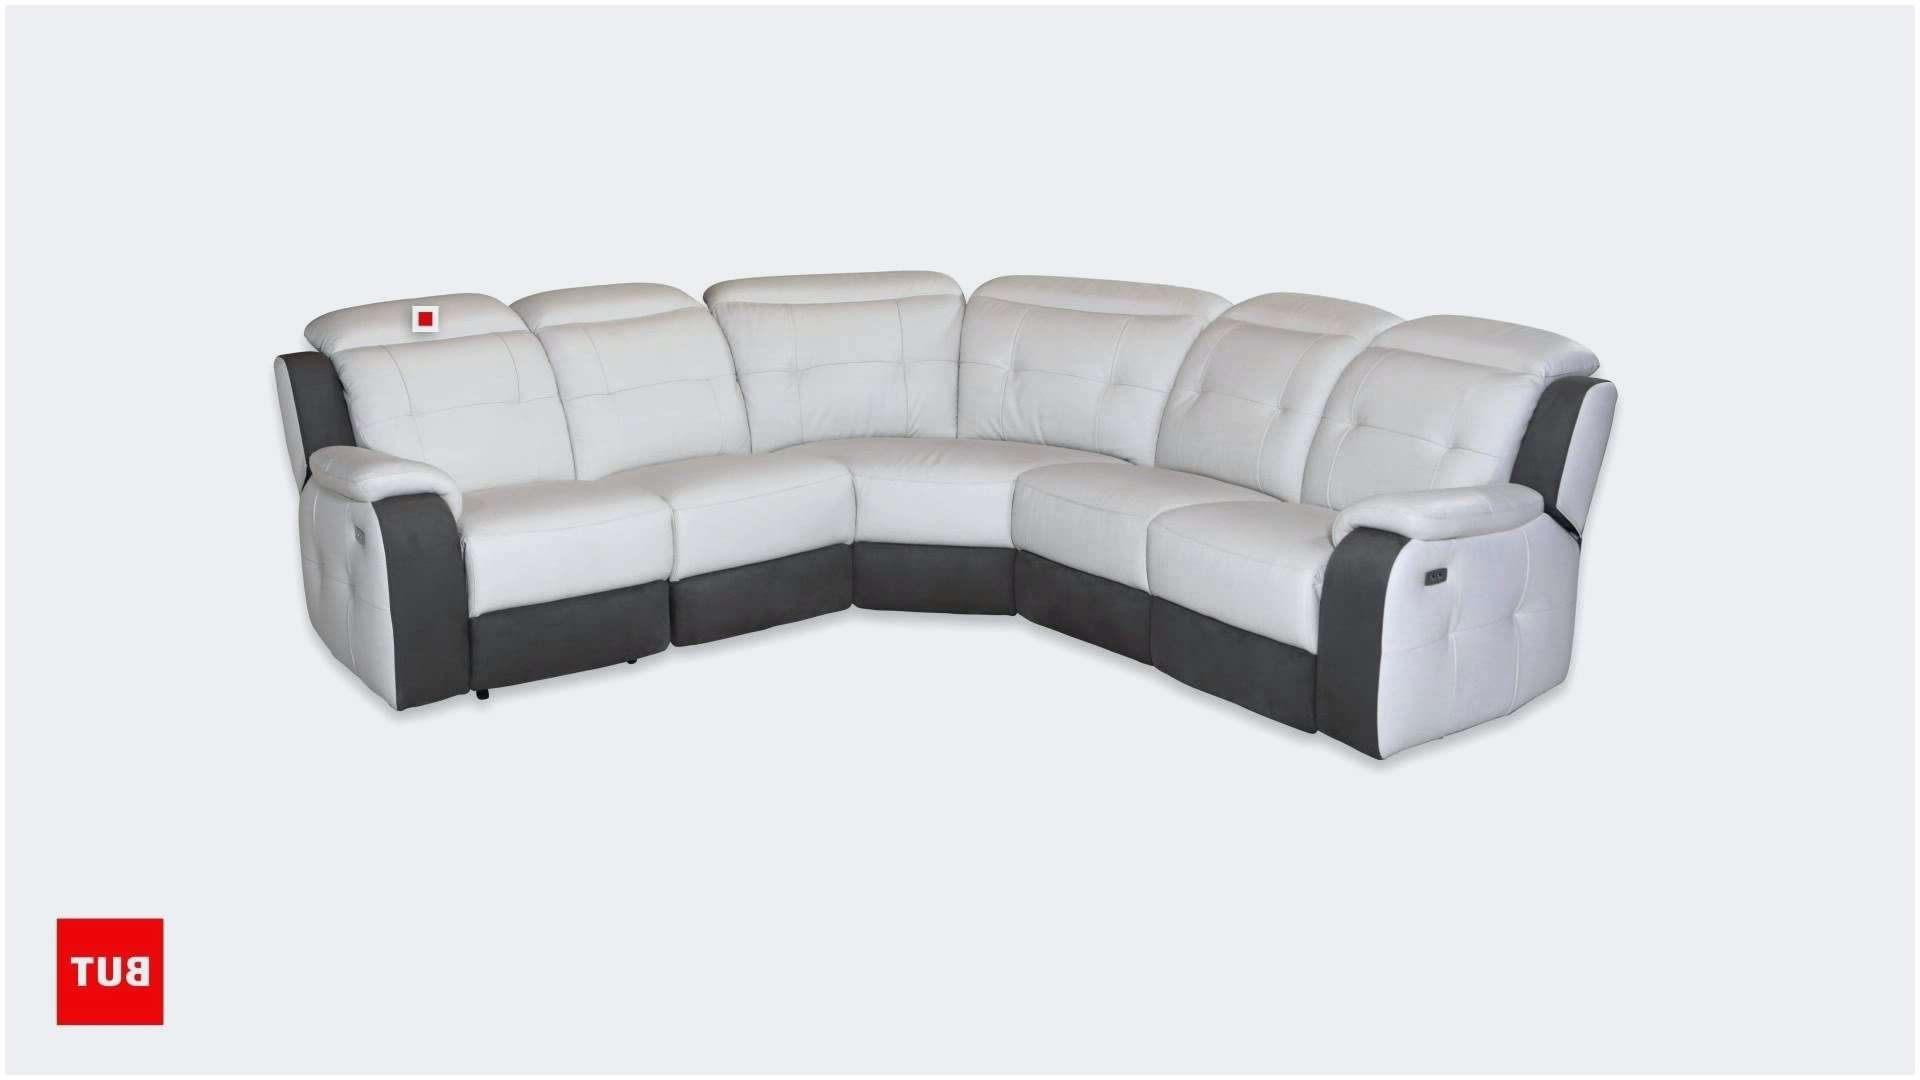 Lit Coffre Amazon Impressionnant Inspiré Design Canapé Belle Canapé Lit Design – Arturotoscanini Pour